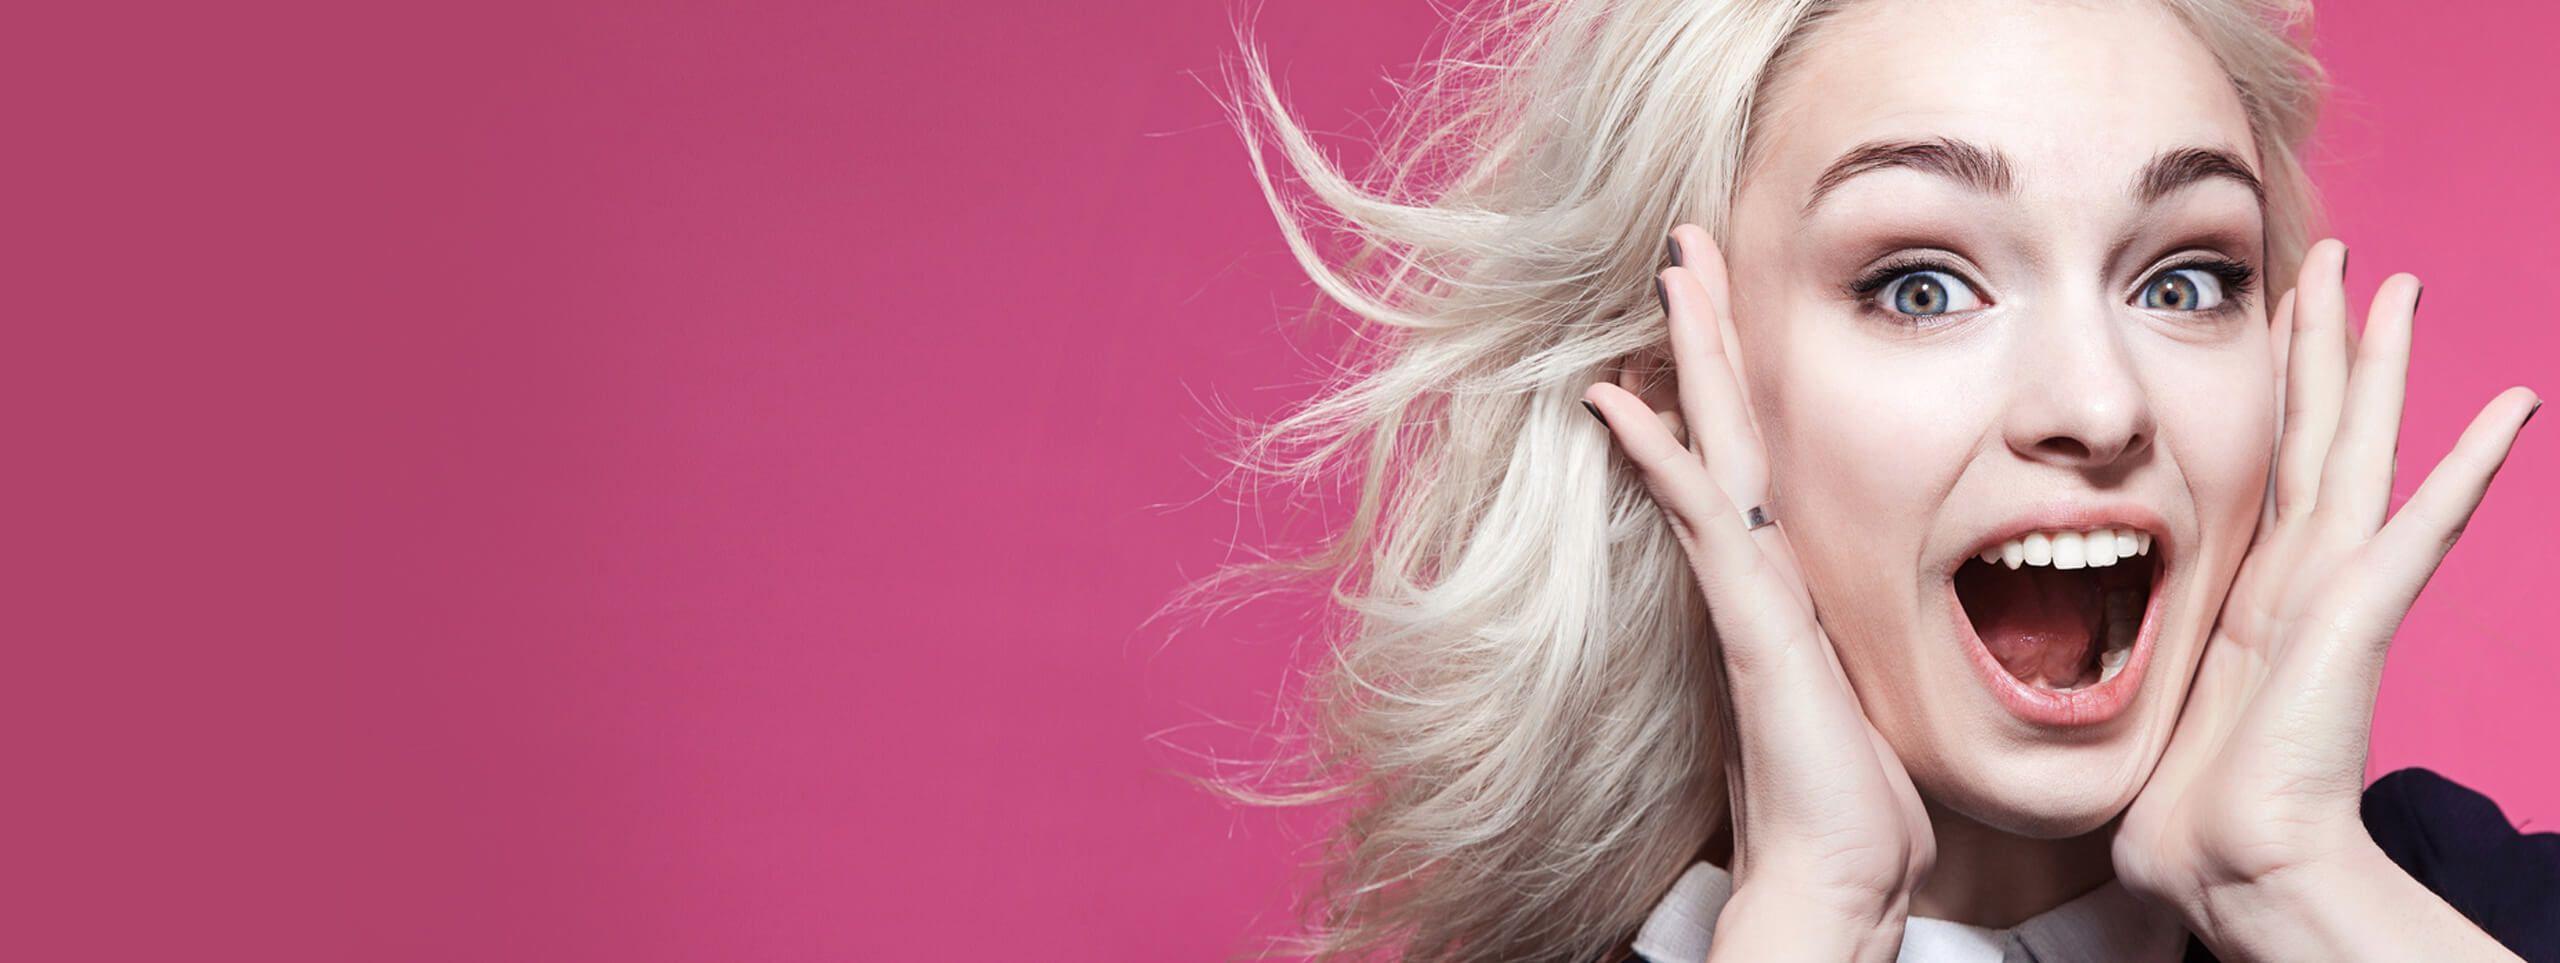 Donna con capelli biondi decolorati